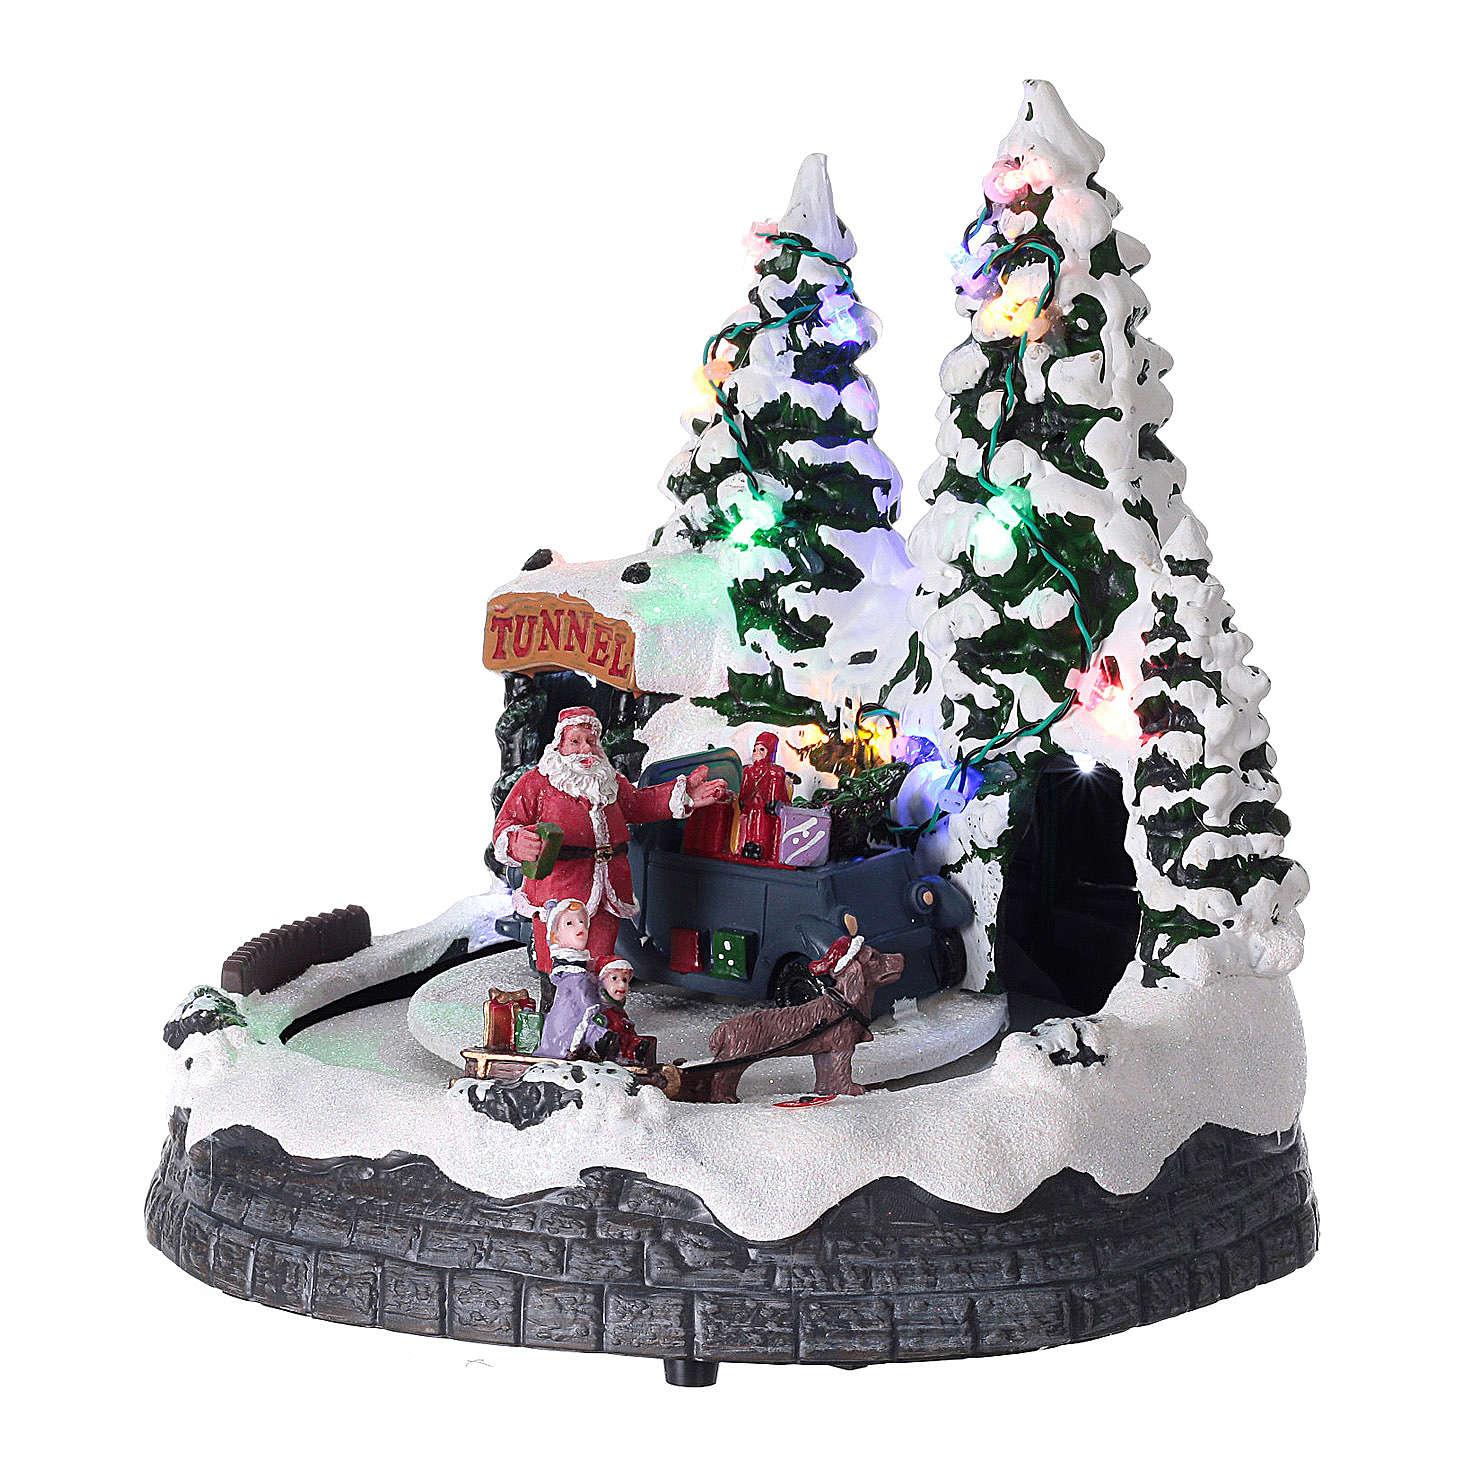 Village Père Noël enfants traineaux éclairage musique 20x20x15 cm 3